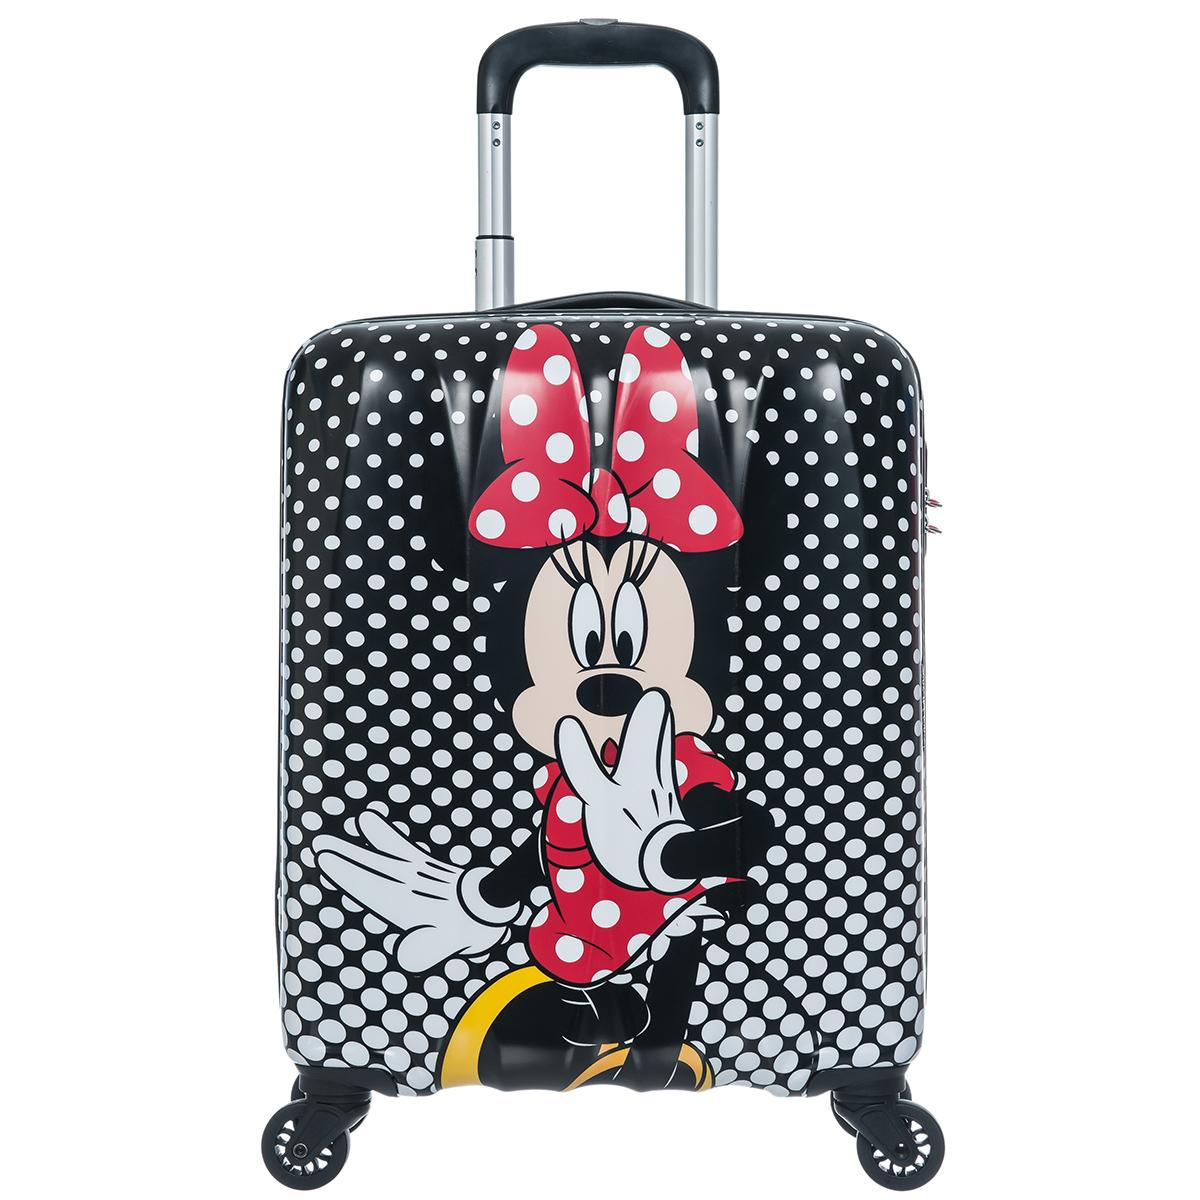 Βαλίτσα Τρόλεϋ Samsonite Disney Minnie Mouse 00024105 - MULTICOLOR - 4893-0043/3/196/95